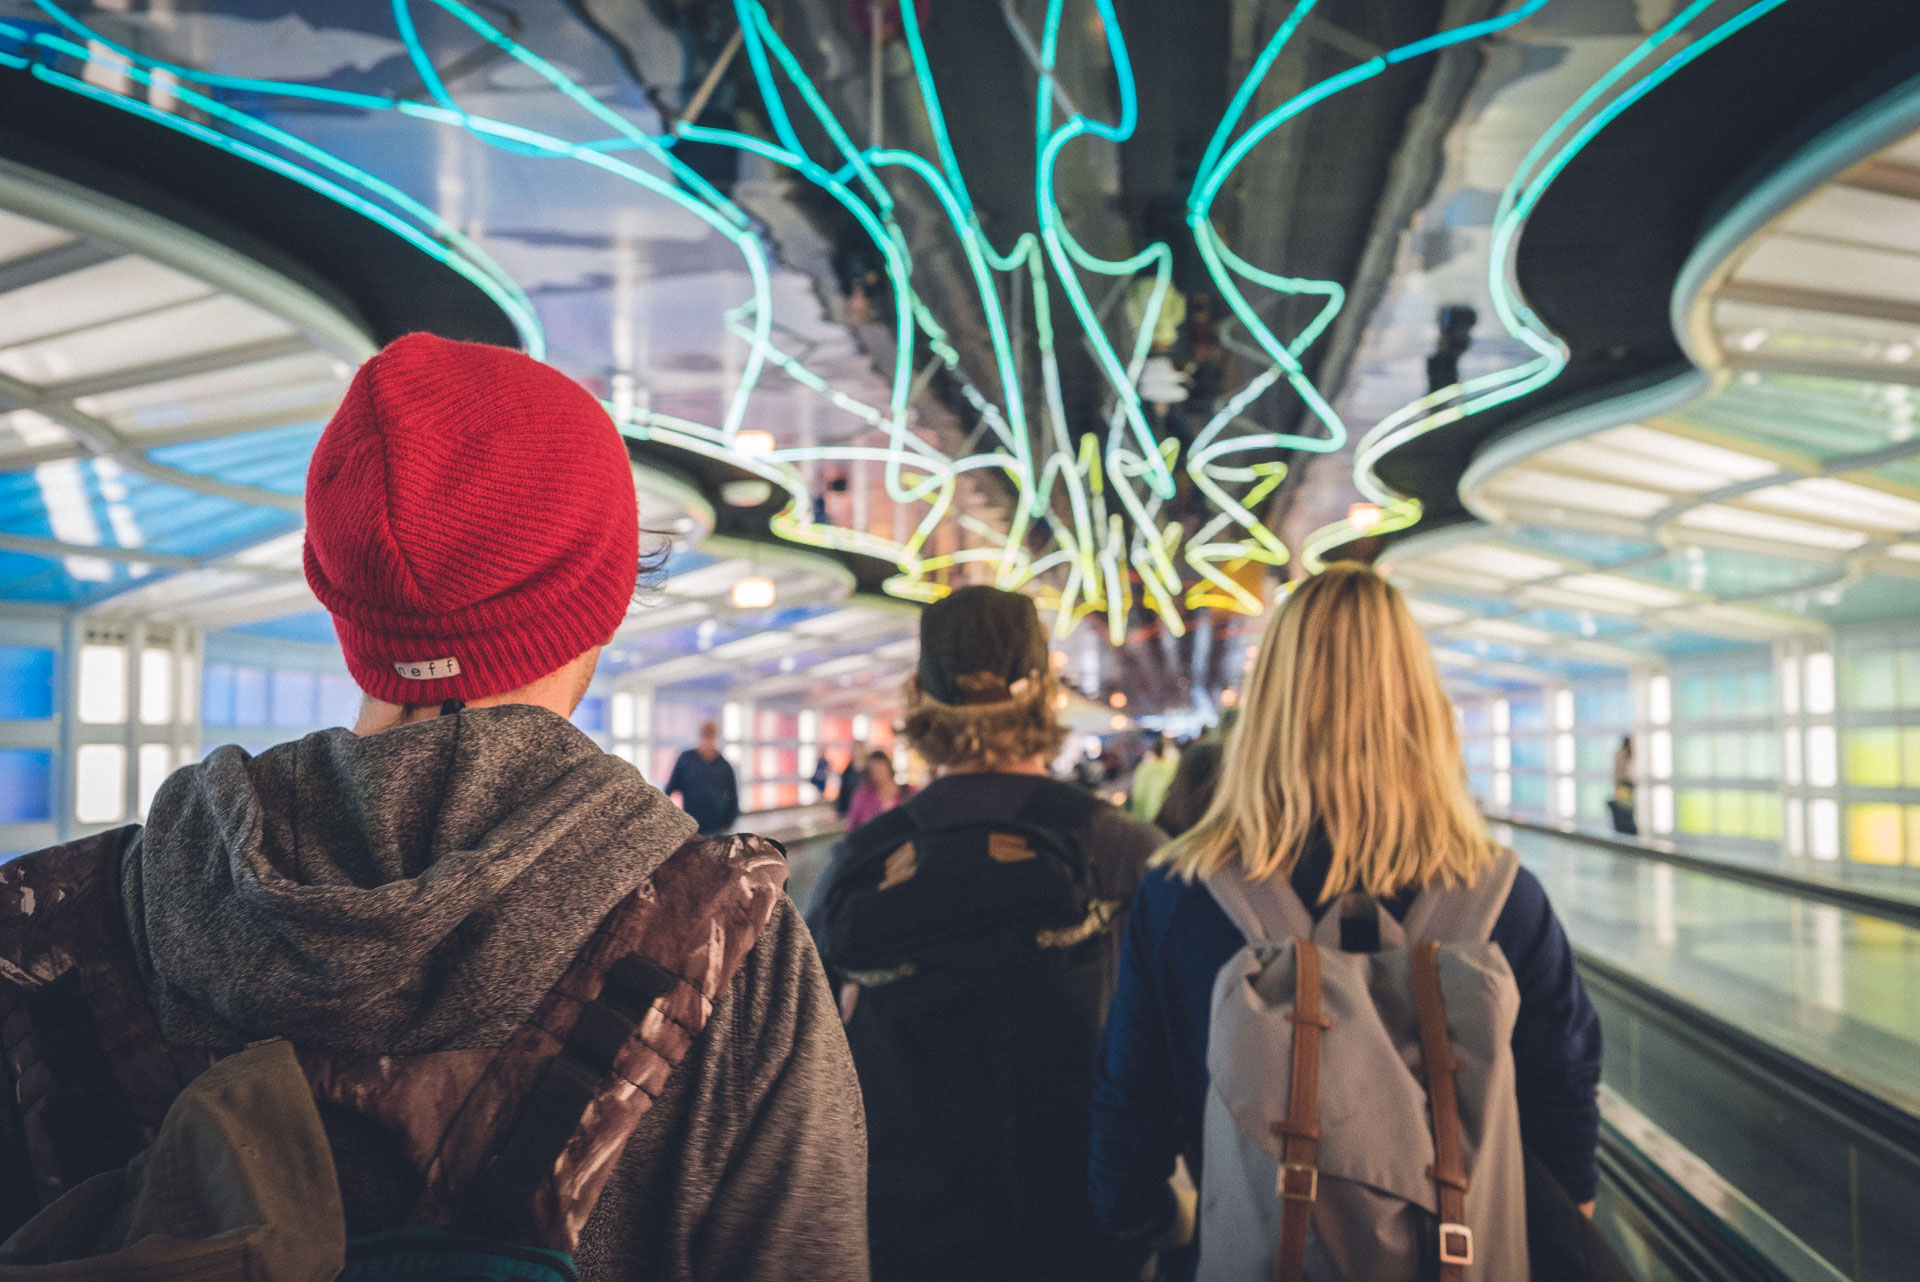 Umsteigen in Chicago. Der Flughafen ist, wie alles andere in den USA ebenfalls, riesig und unnötigerweise mussten wir unser Gepäck beim Umsteigen selber zum nächsten Gate tragen. Kein Spaß mit Rucksack, Reisetasche und Skibag (vor allem wenn man wie ich die größten Taschen von allen hat)